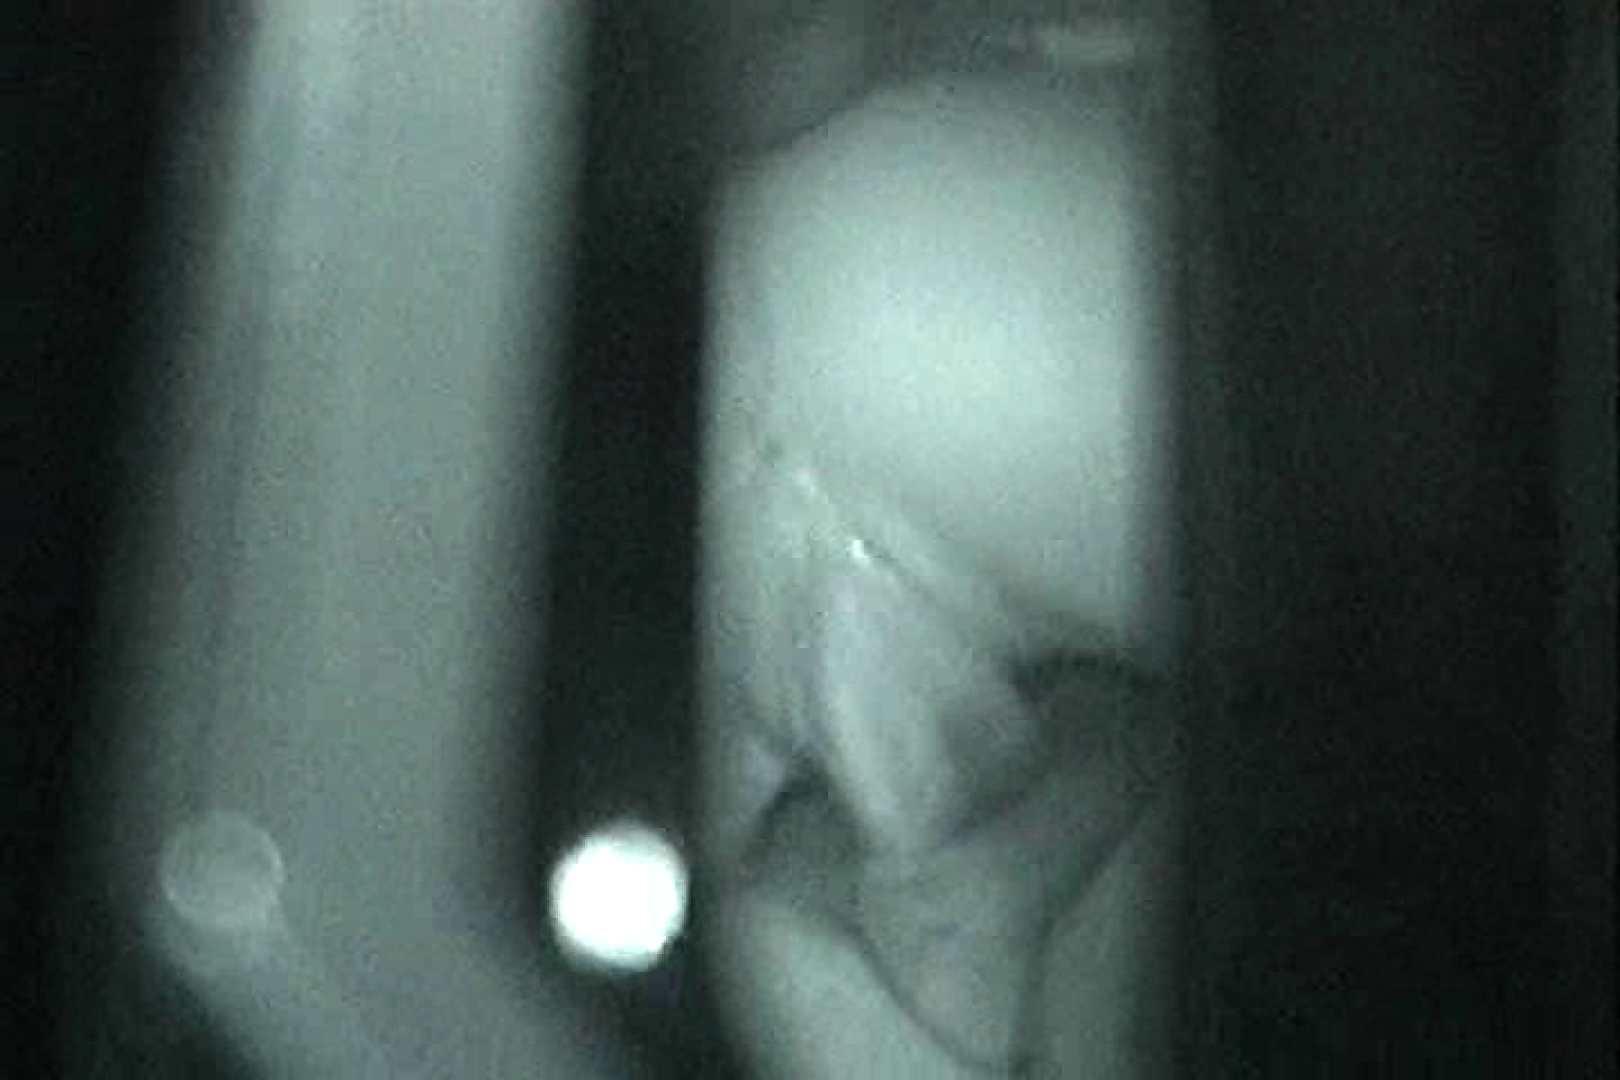 充血監督の深夜の運動会Vol.18 カップル AV無料 109pic 106